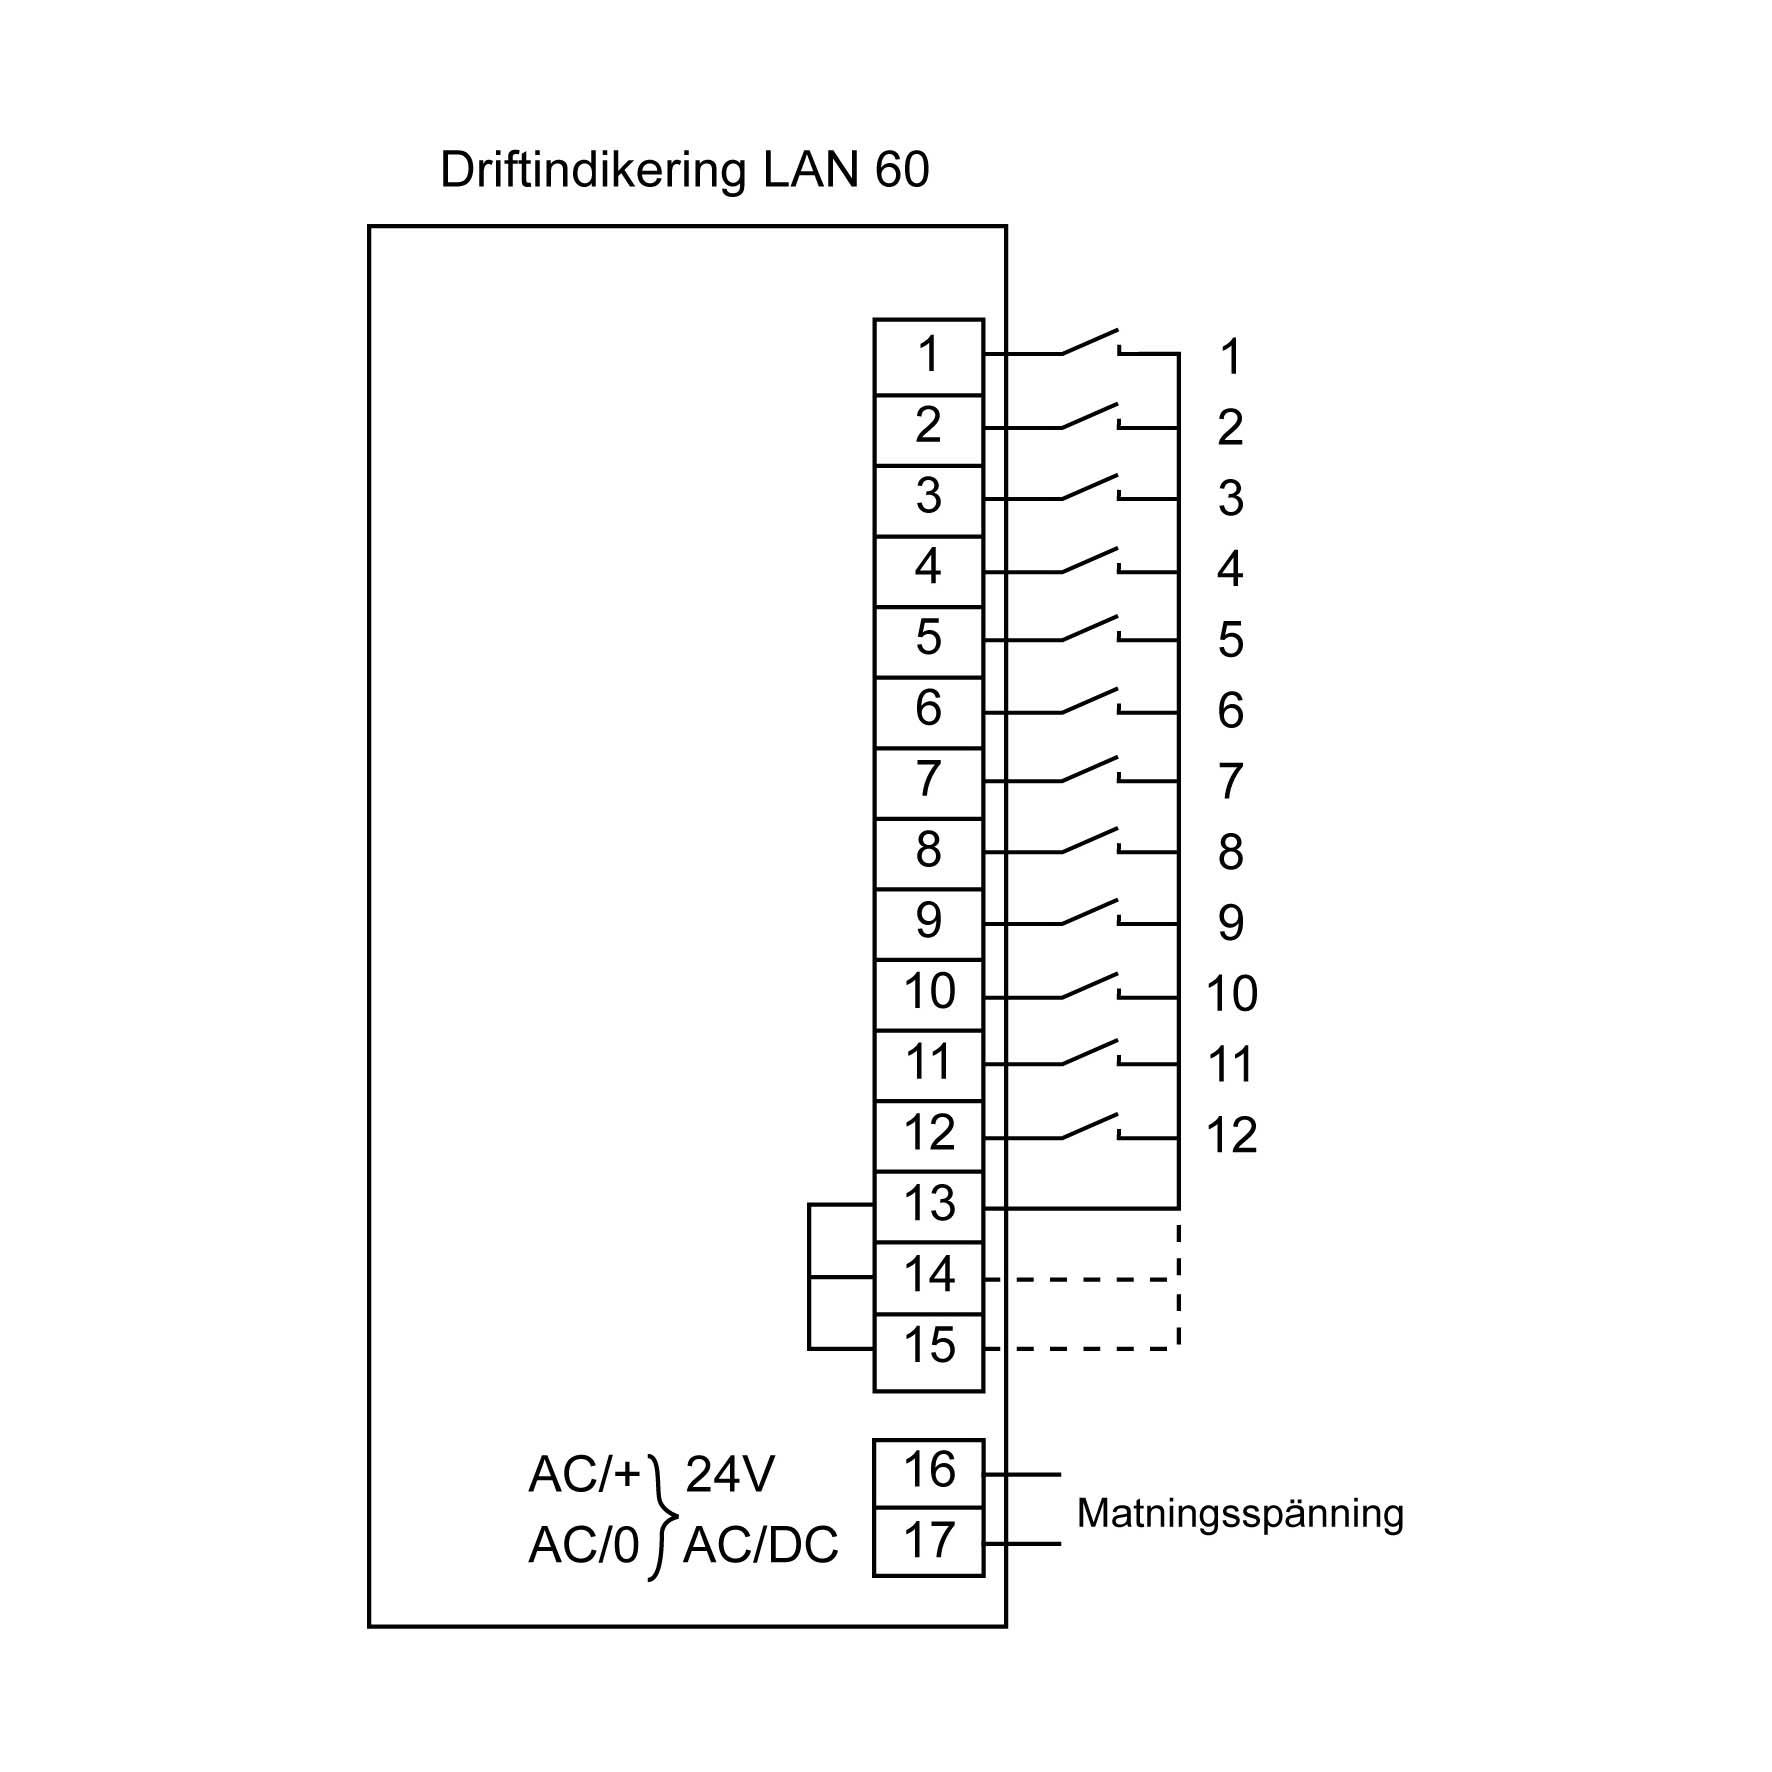 LAN 60 Status Indicator